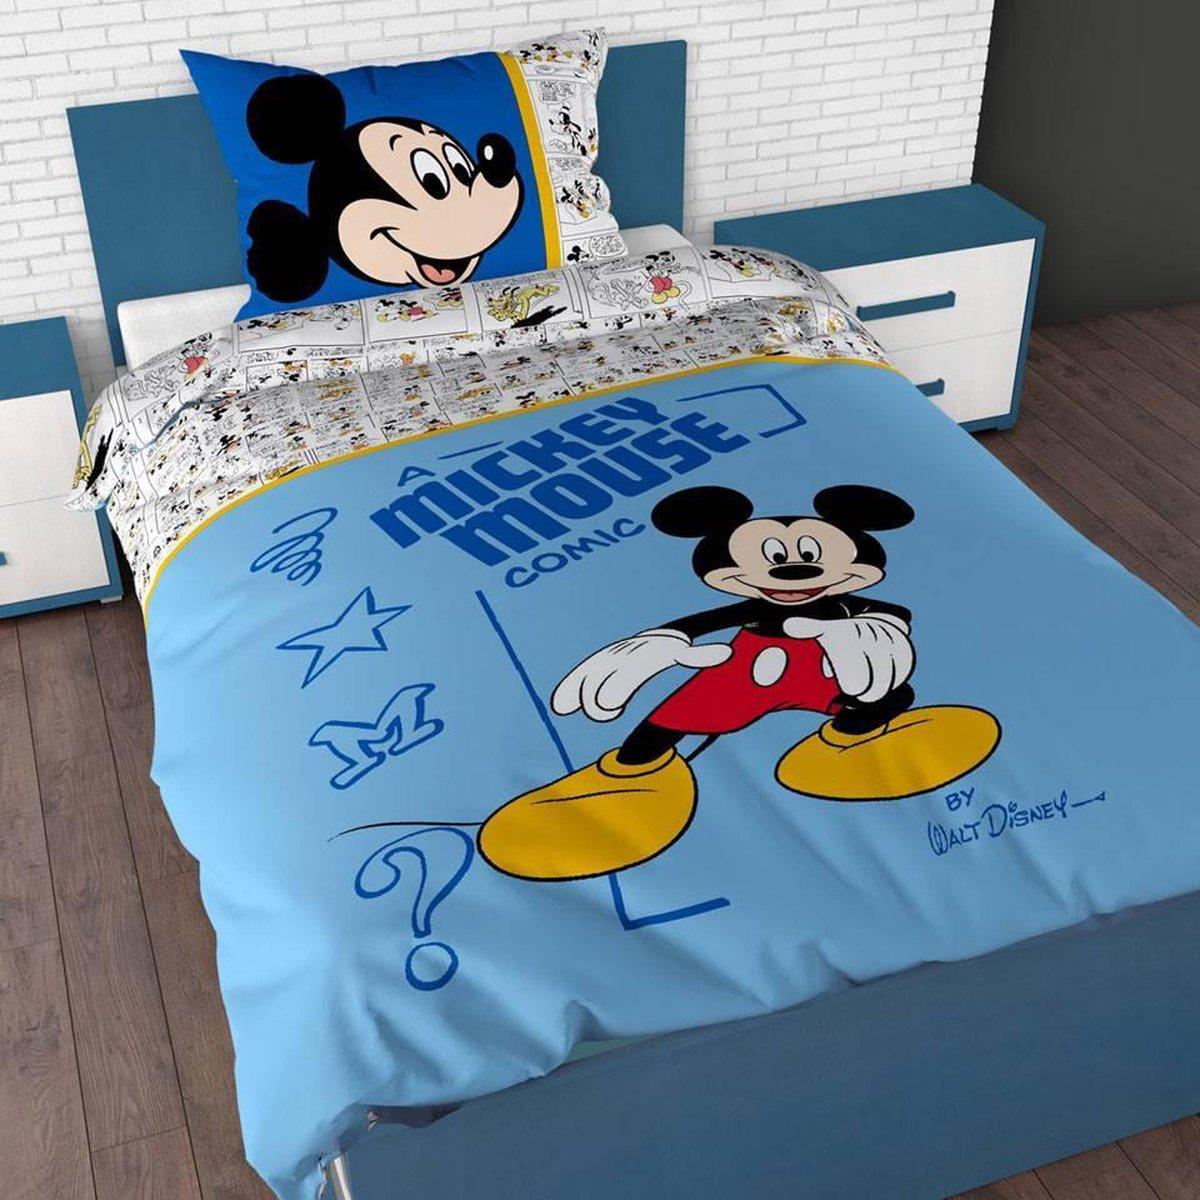 Disney Mickey Mouse Dekbedovertrek - Eenpersoons - 140 x 200 cm - Blauw kopen